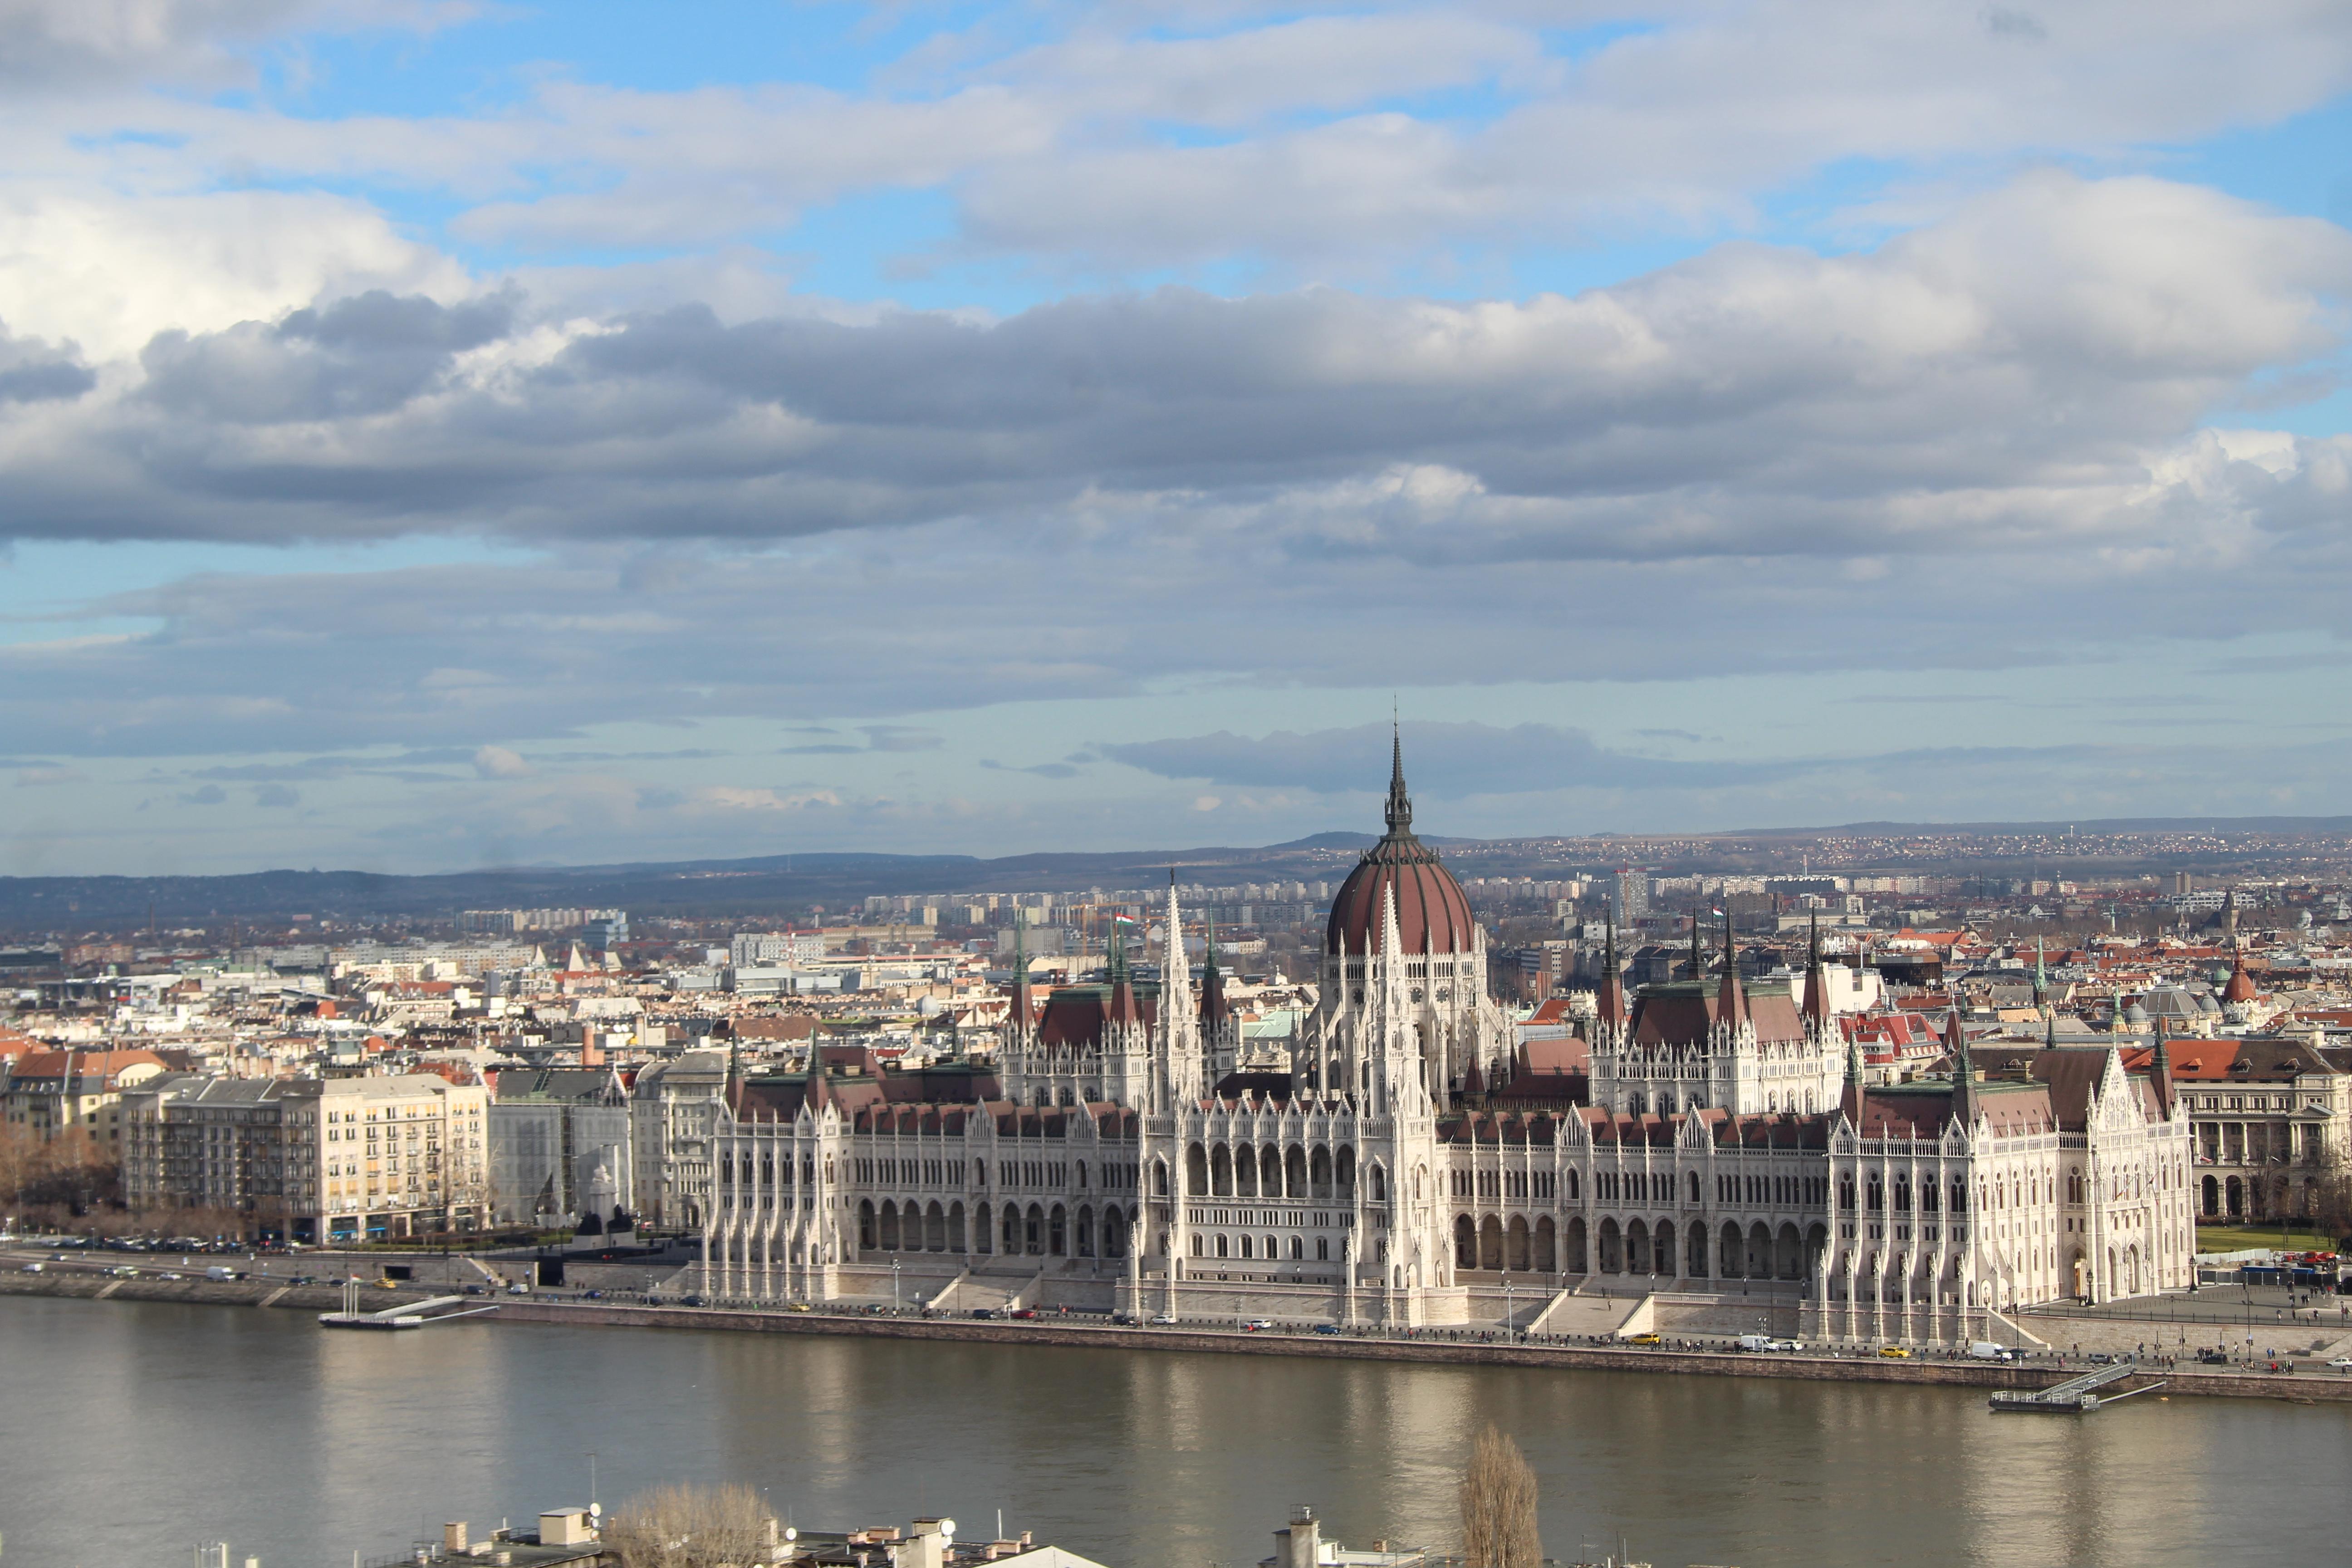 Slovenia ed ungheria consigli utili e costi famiglia for Torino da vedere in un giorno